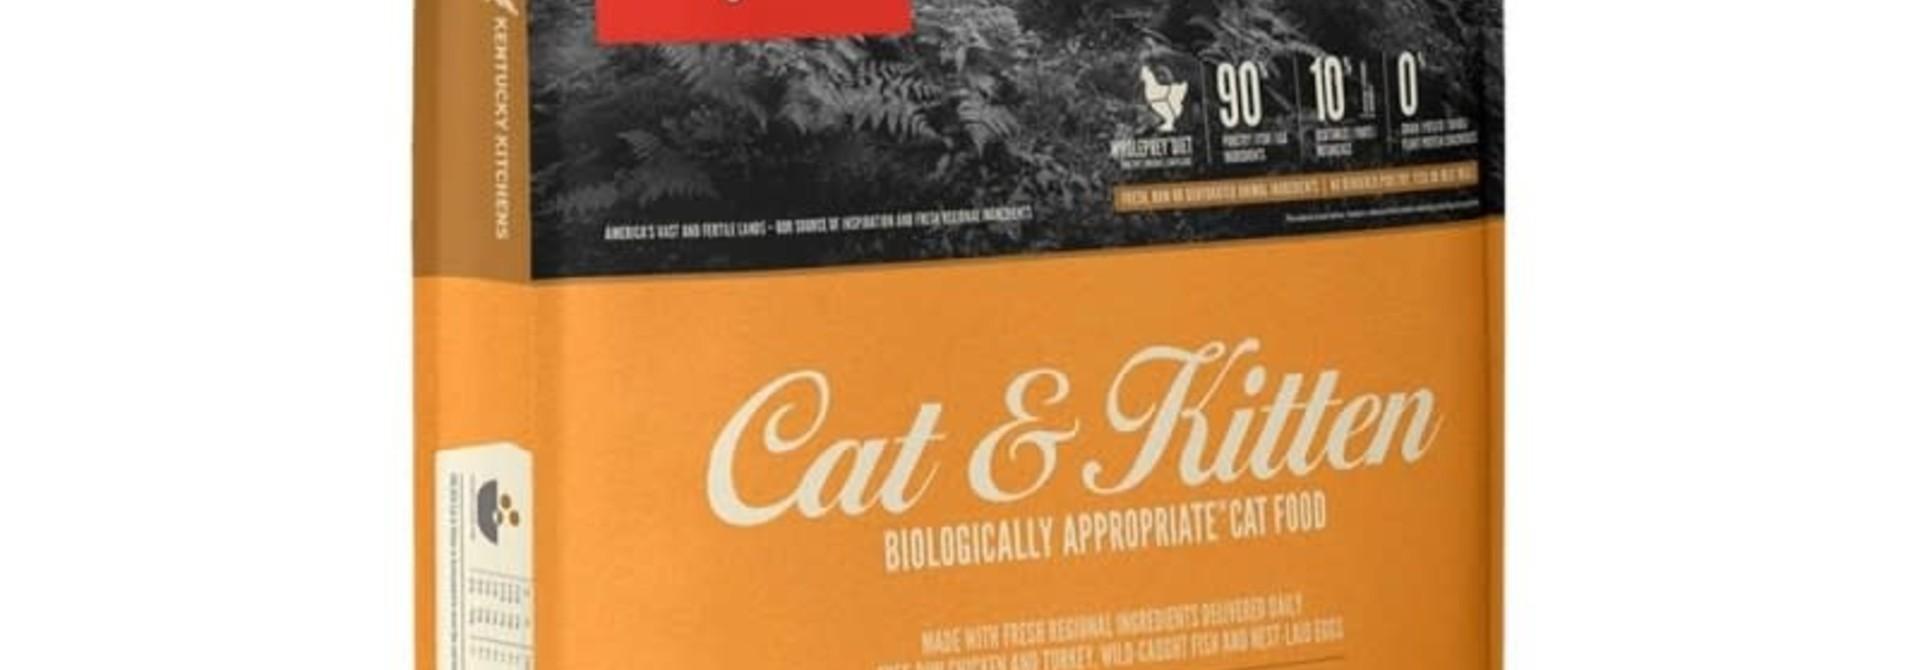 OR Cat & Kitten